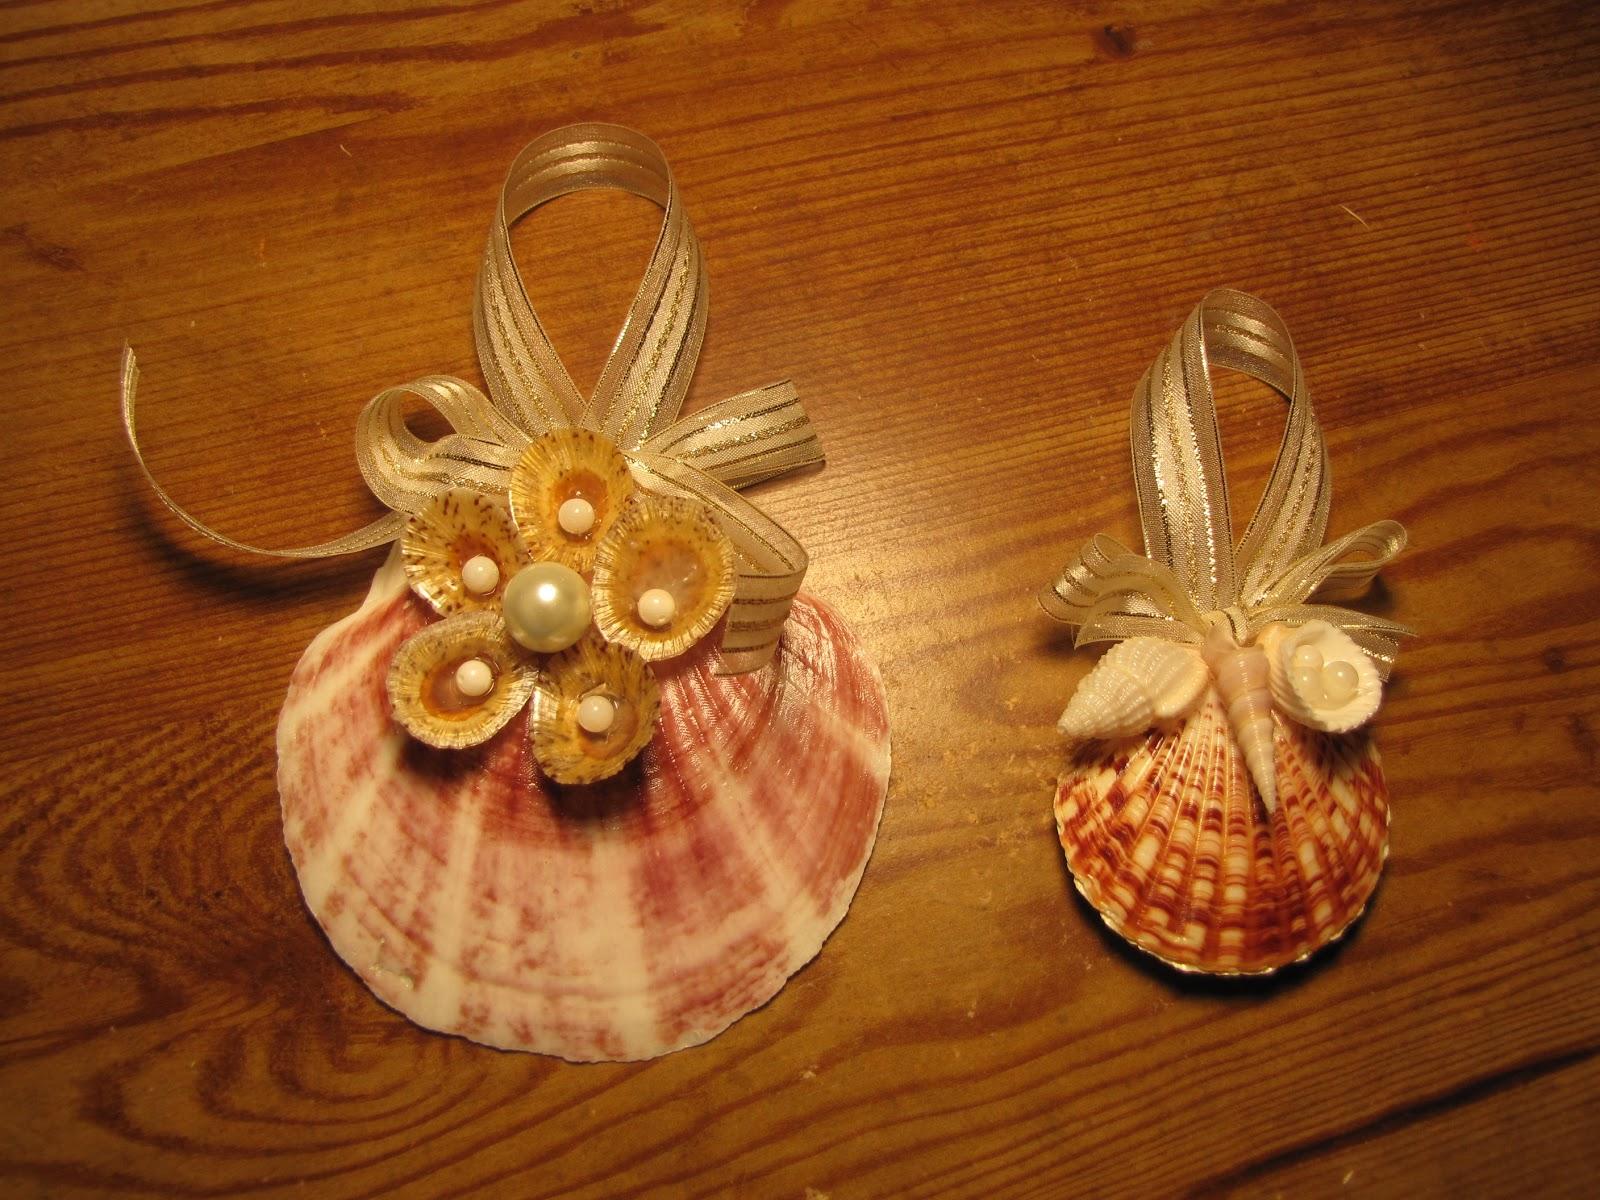 Seashell christmas ornaments - Seashell Christmas Ornaments 5